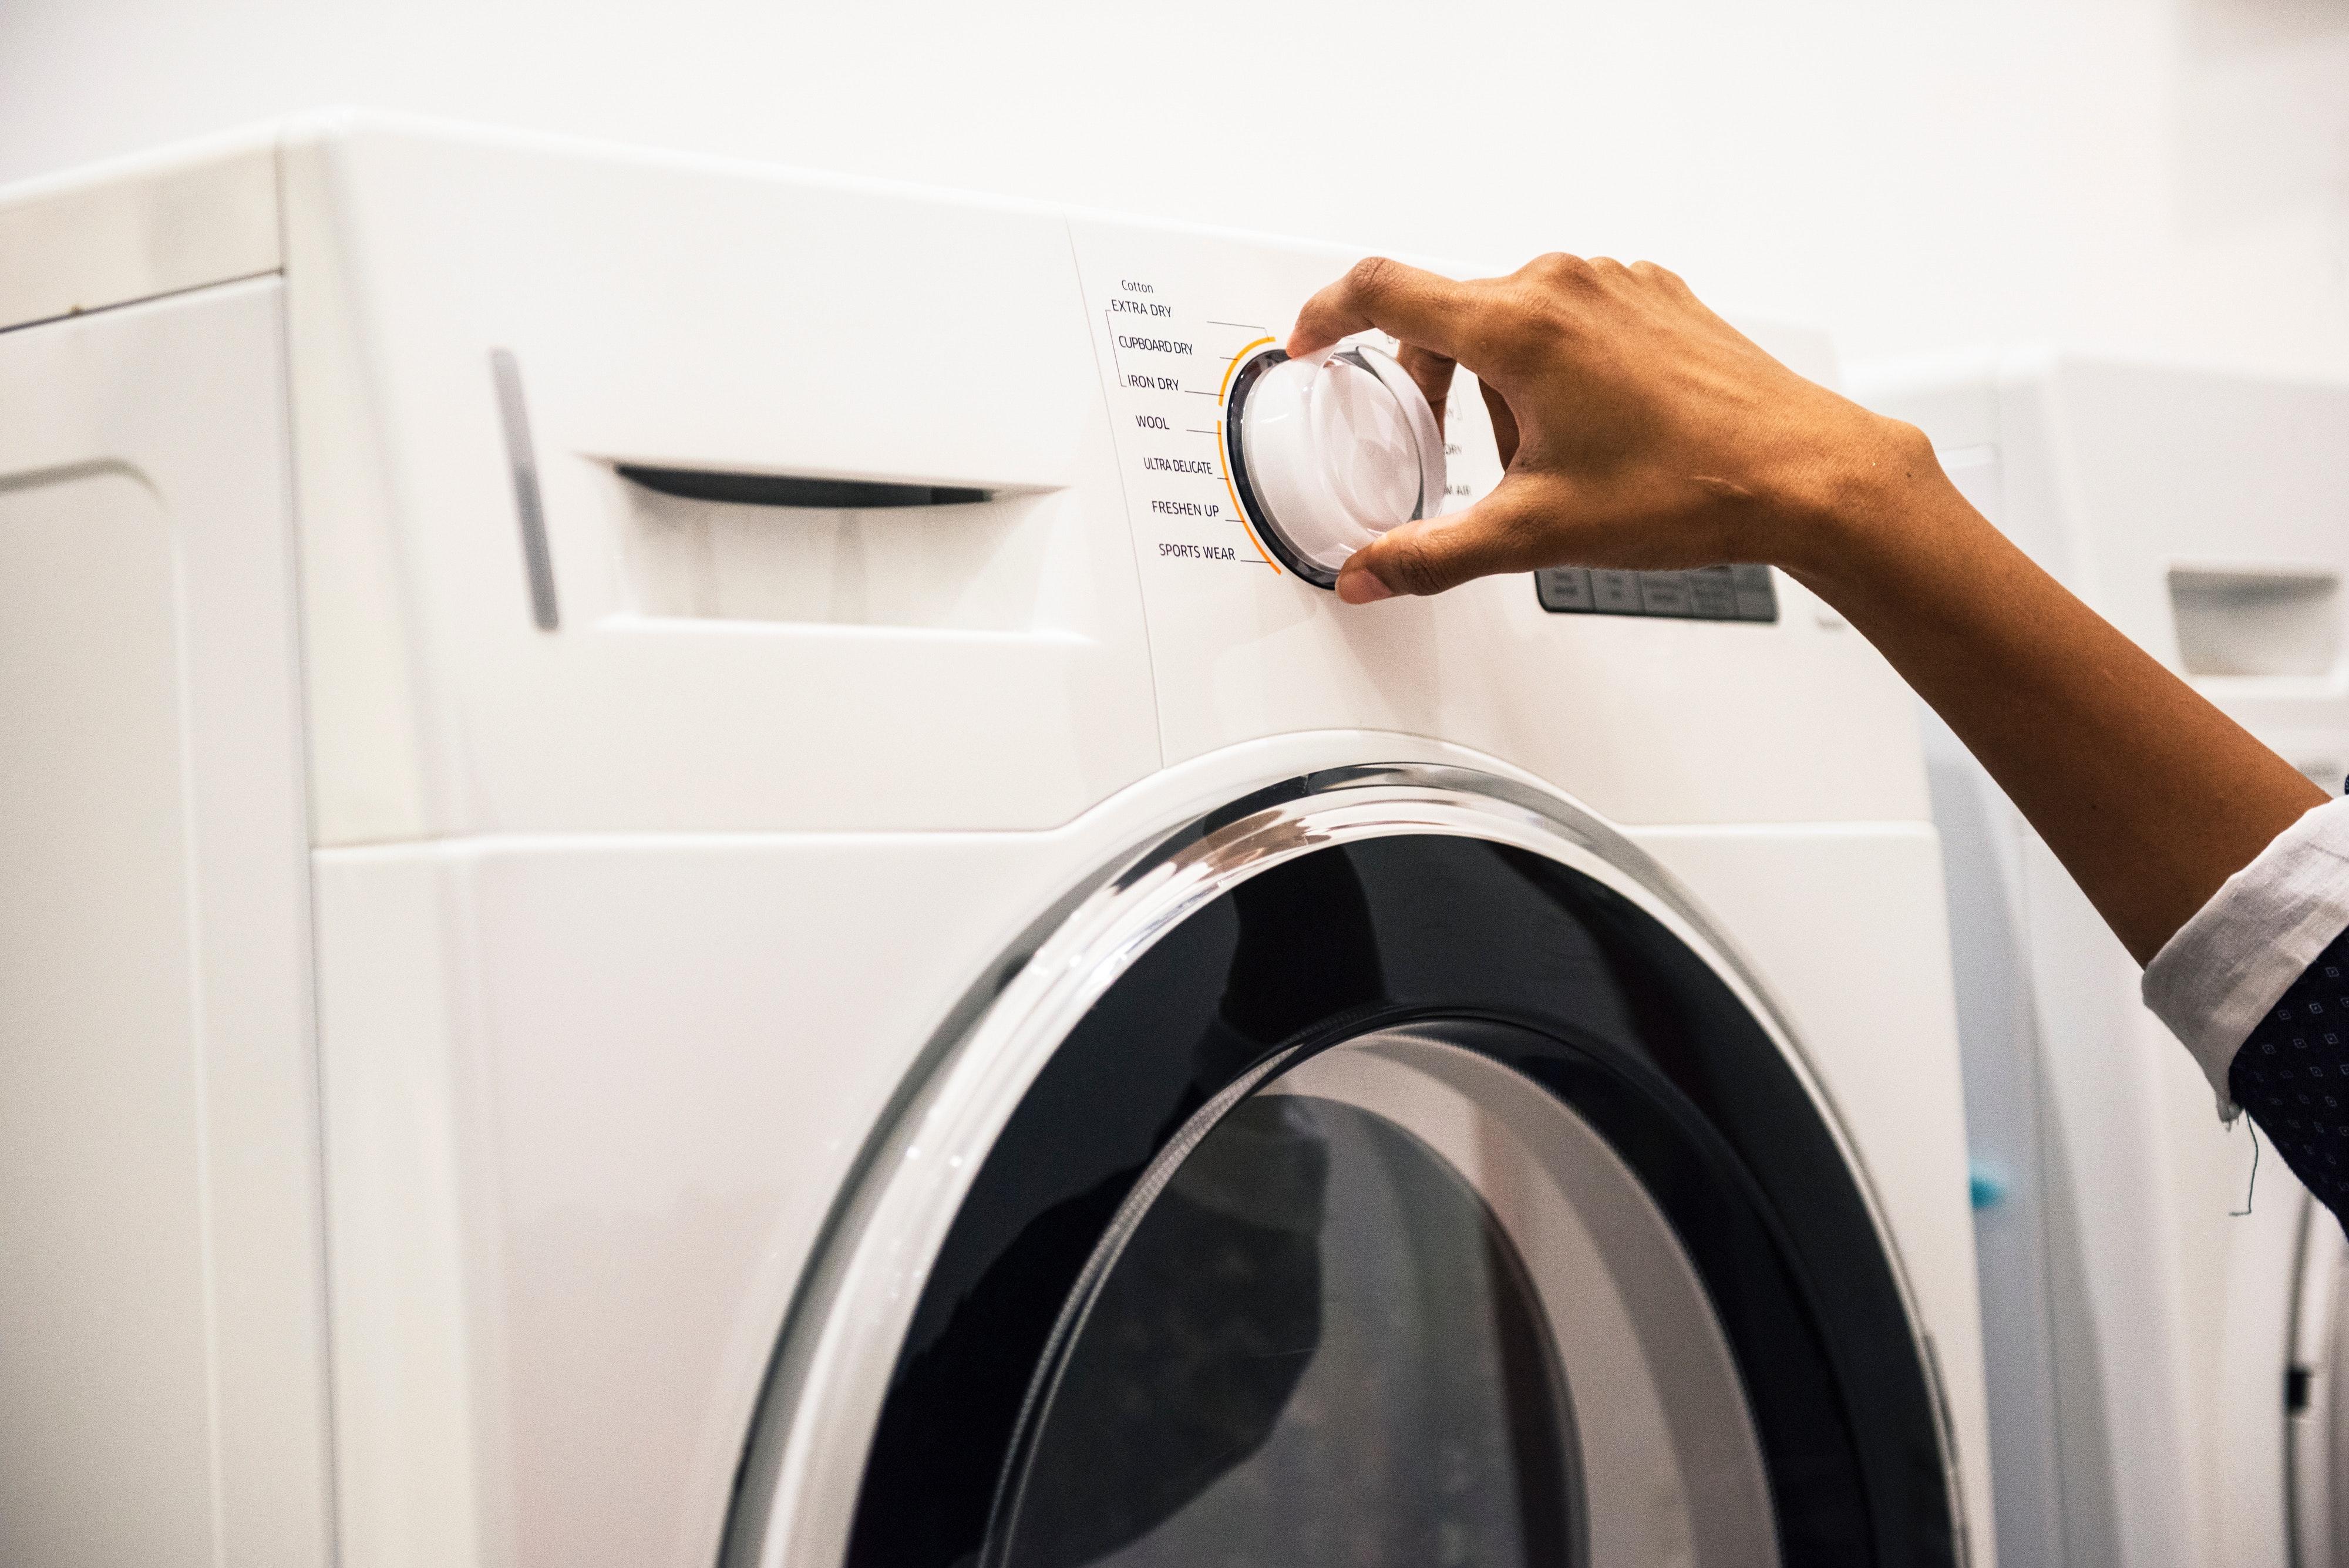 Използвайте сухи кърпи за по-бързо изсушаване на дрехите. <div>Прането изсъхва по-бързо, ако закачите сухи кърпи между редиците с изпрани дрехи. Ако някоя дреха все още е влажна, но наистина трябва да я облечете, можете просто да я увиете в суха кърпа и да я поставите в пералнята, за да се освободите от оставащата влага, пишат още от Edna.bg.</div>